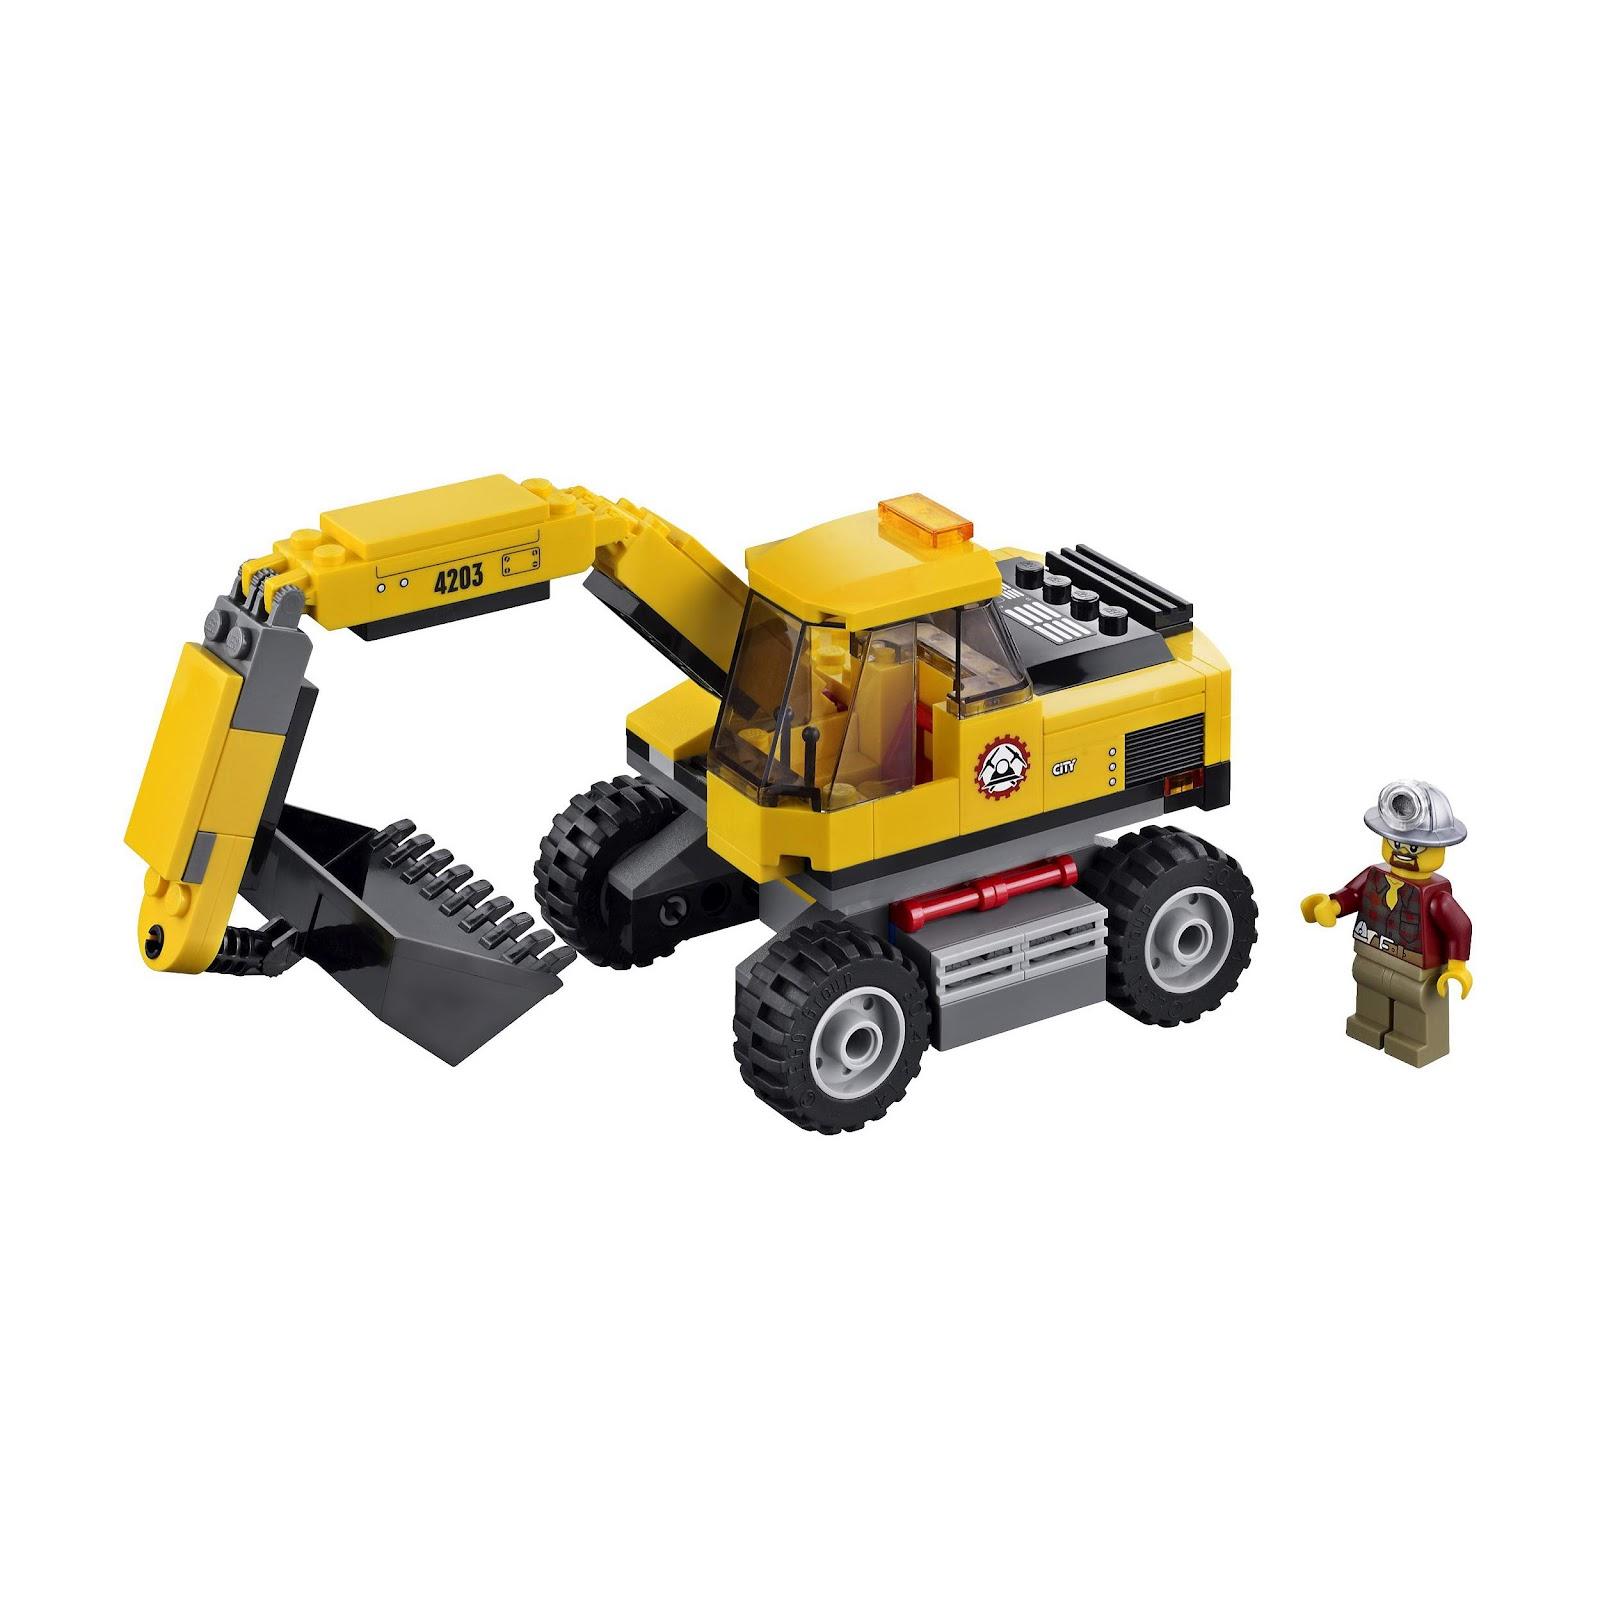 oneTWOBRICK.com: set database: LEGO 4203 excavator transport